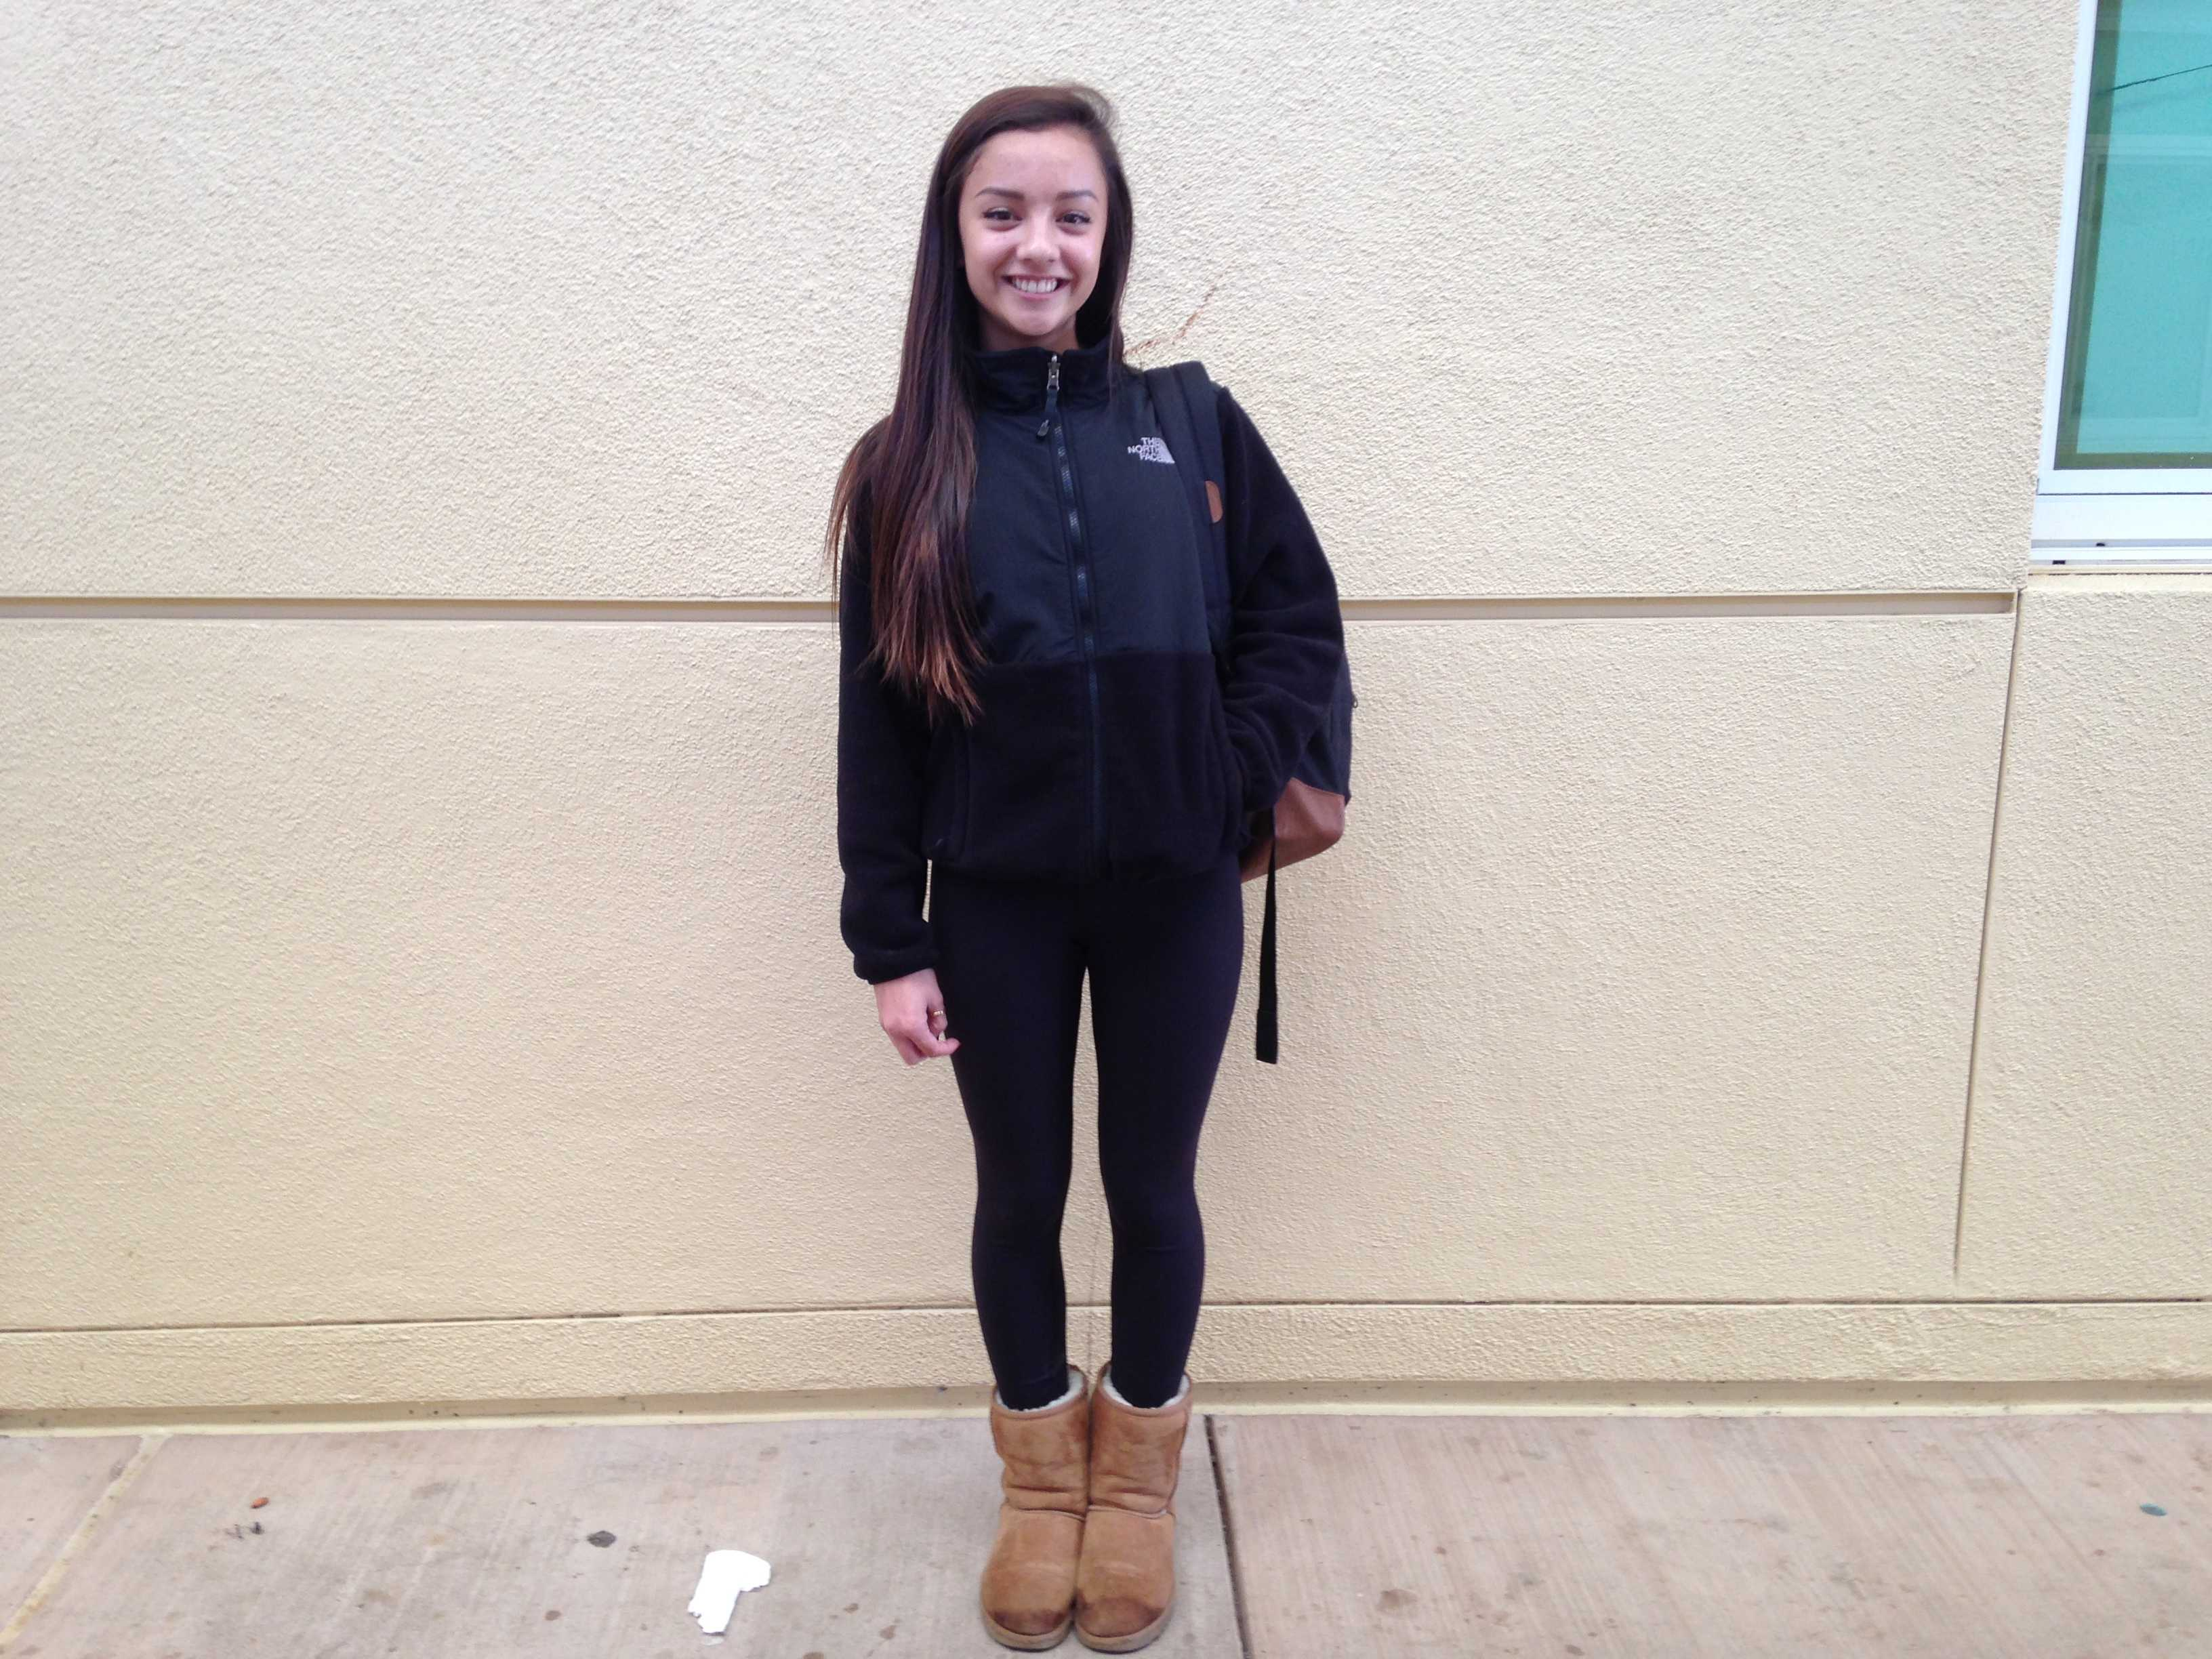 Freshman, Caileigh Mann is wearing a